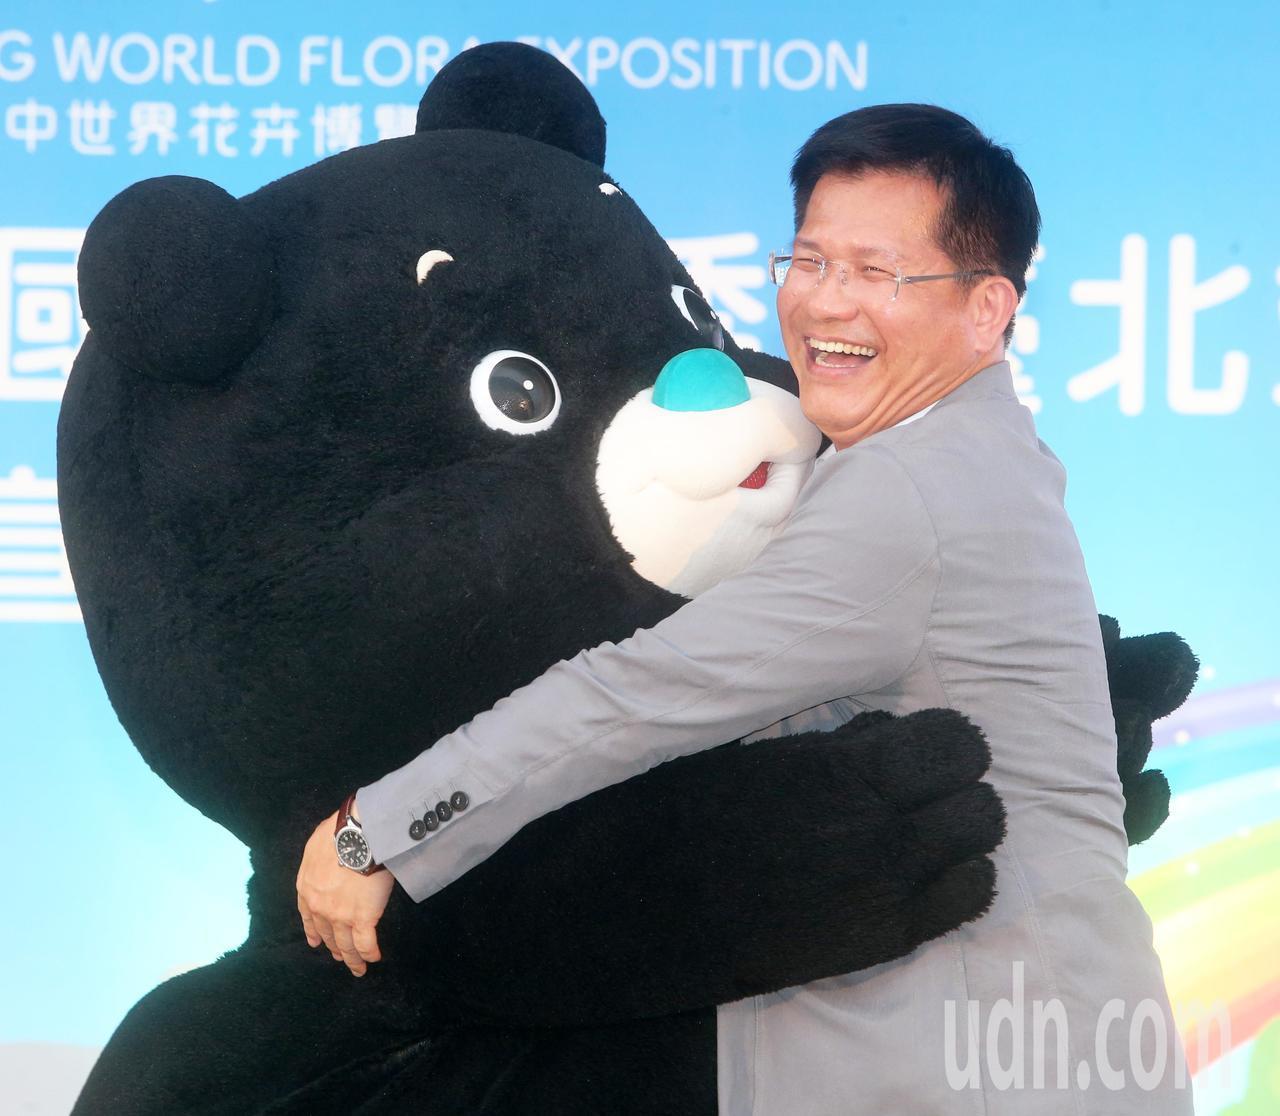 台中市長林佳龍今天前往台北市立動物園宣傳花博,熊讚熱情獻上擁抱。記者胡經周/攝影